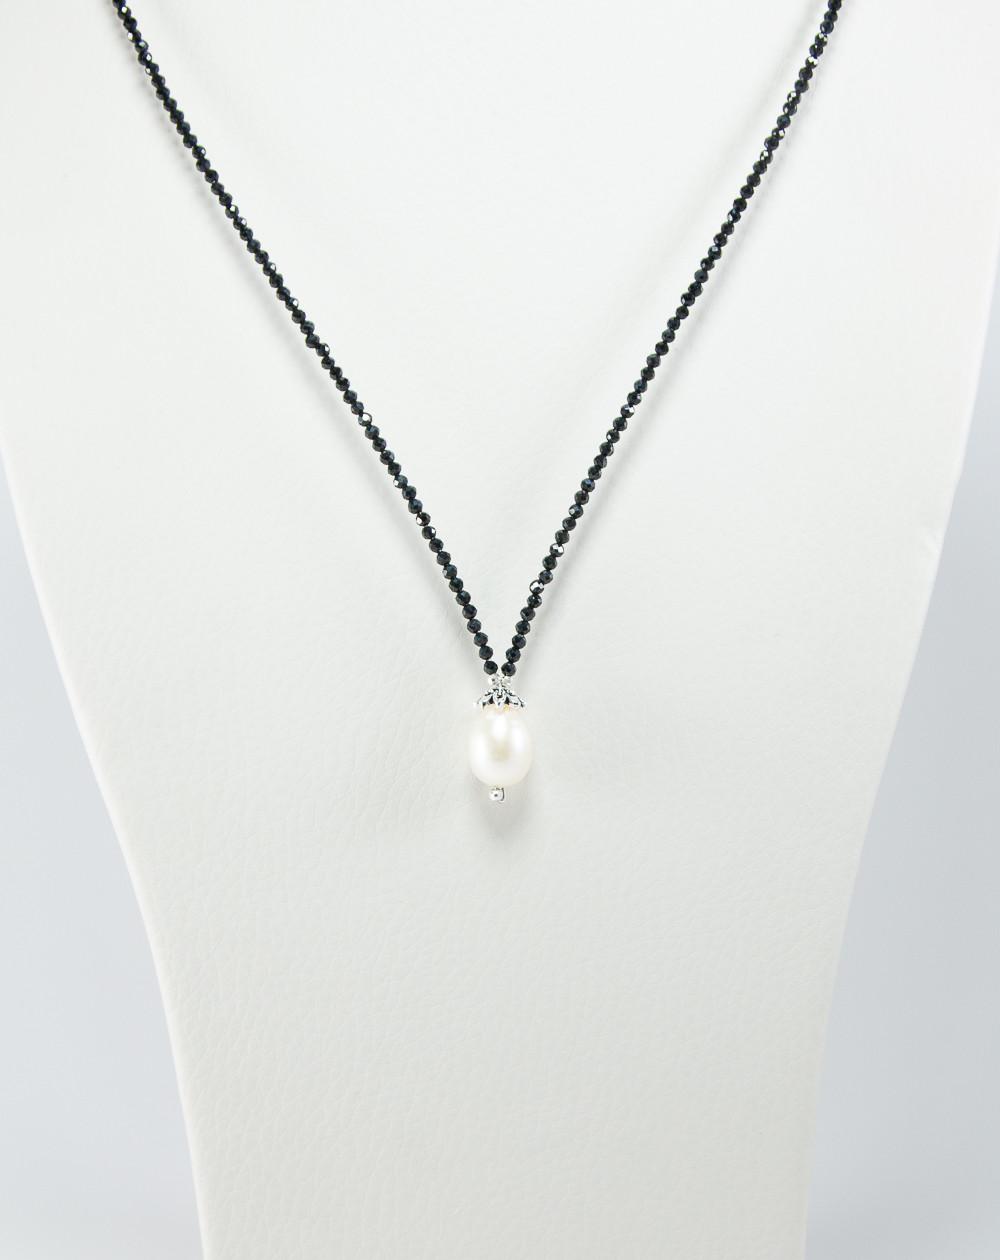 Collier collection Signature en Perle et Spinelle noir, Sanuk Création